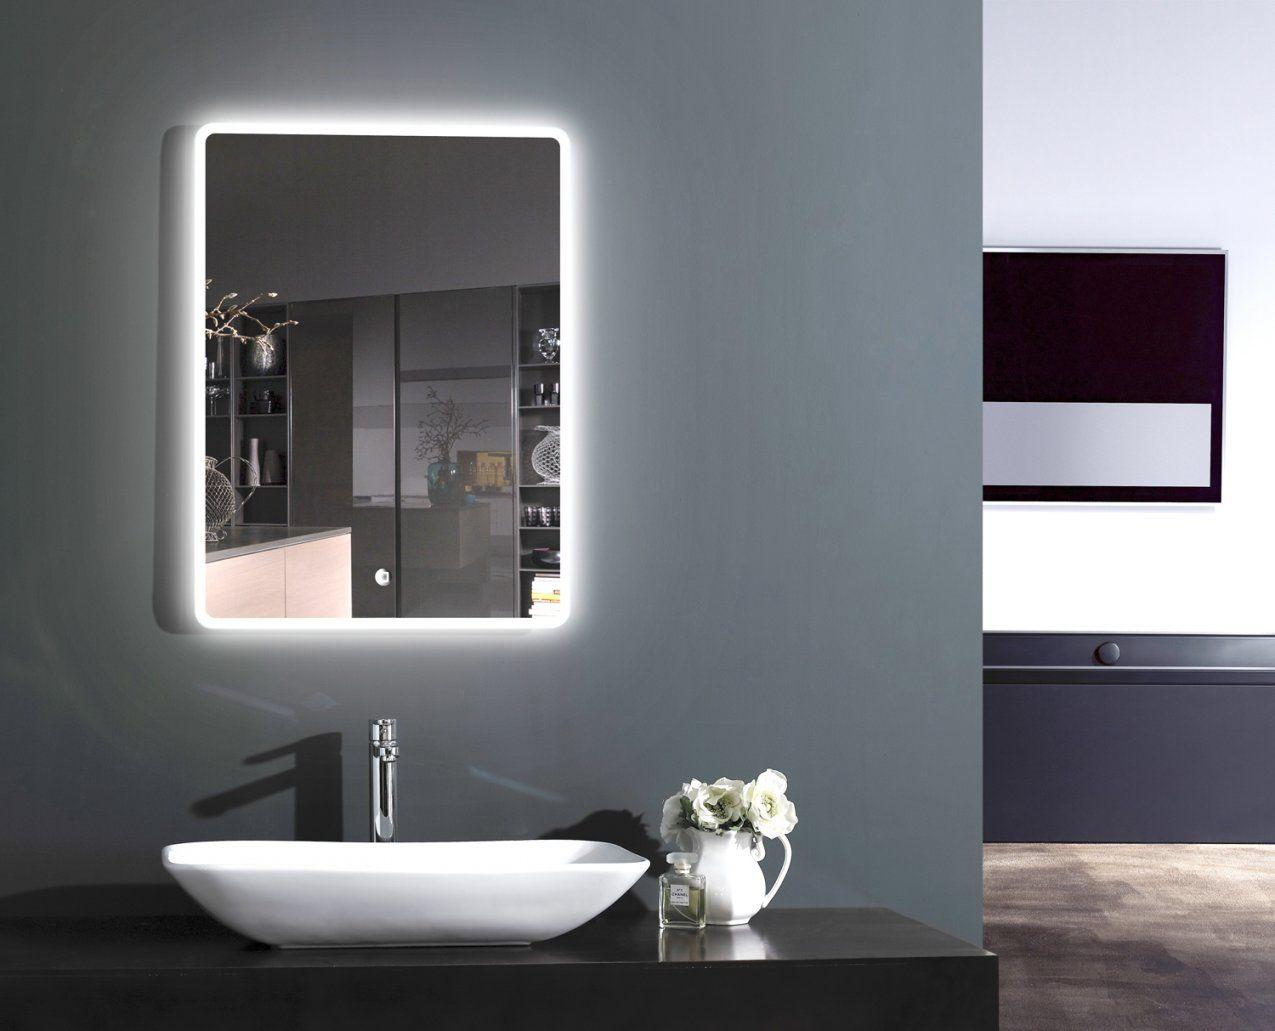 Led Lichtspiegel Badspiegel Wandspiegel Badezimmerspiegel Mit von Badspiegel Mit Beleuchtung Und Steckdose Photo